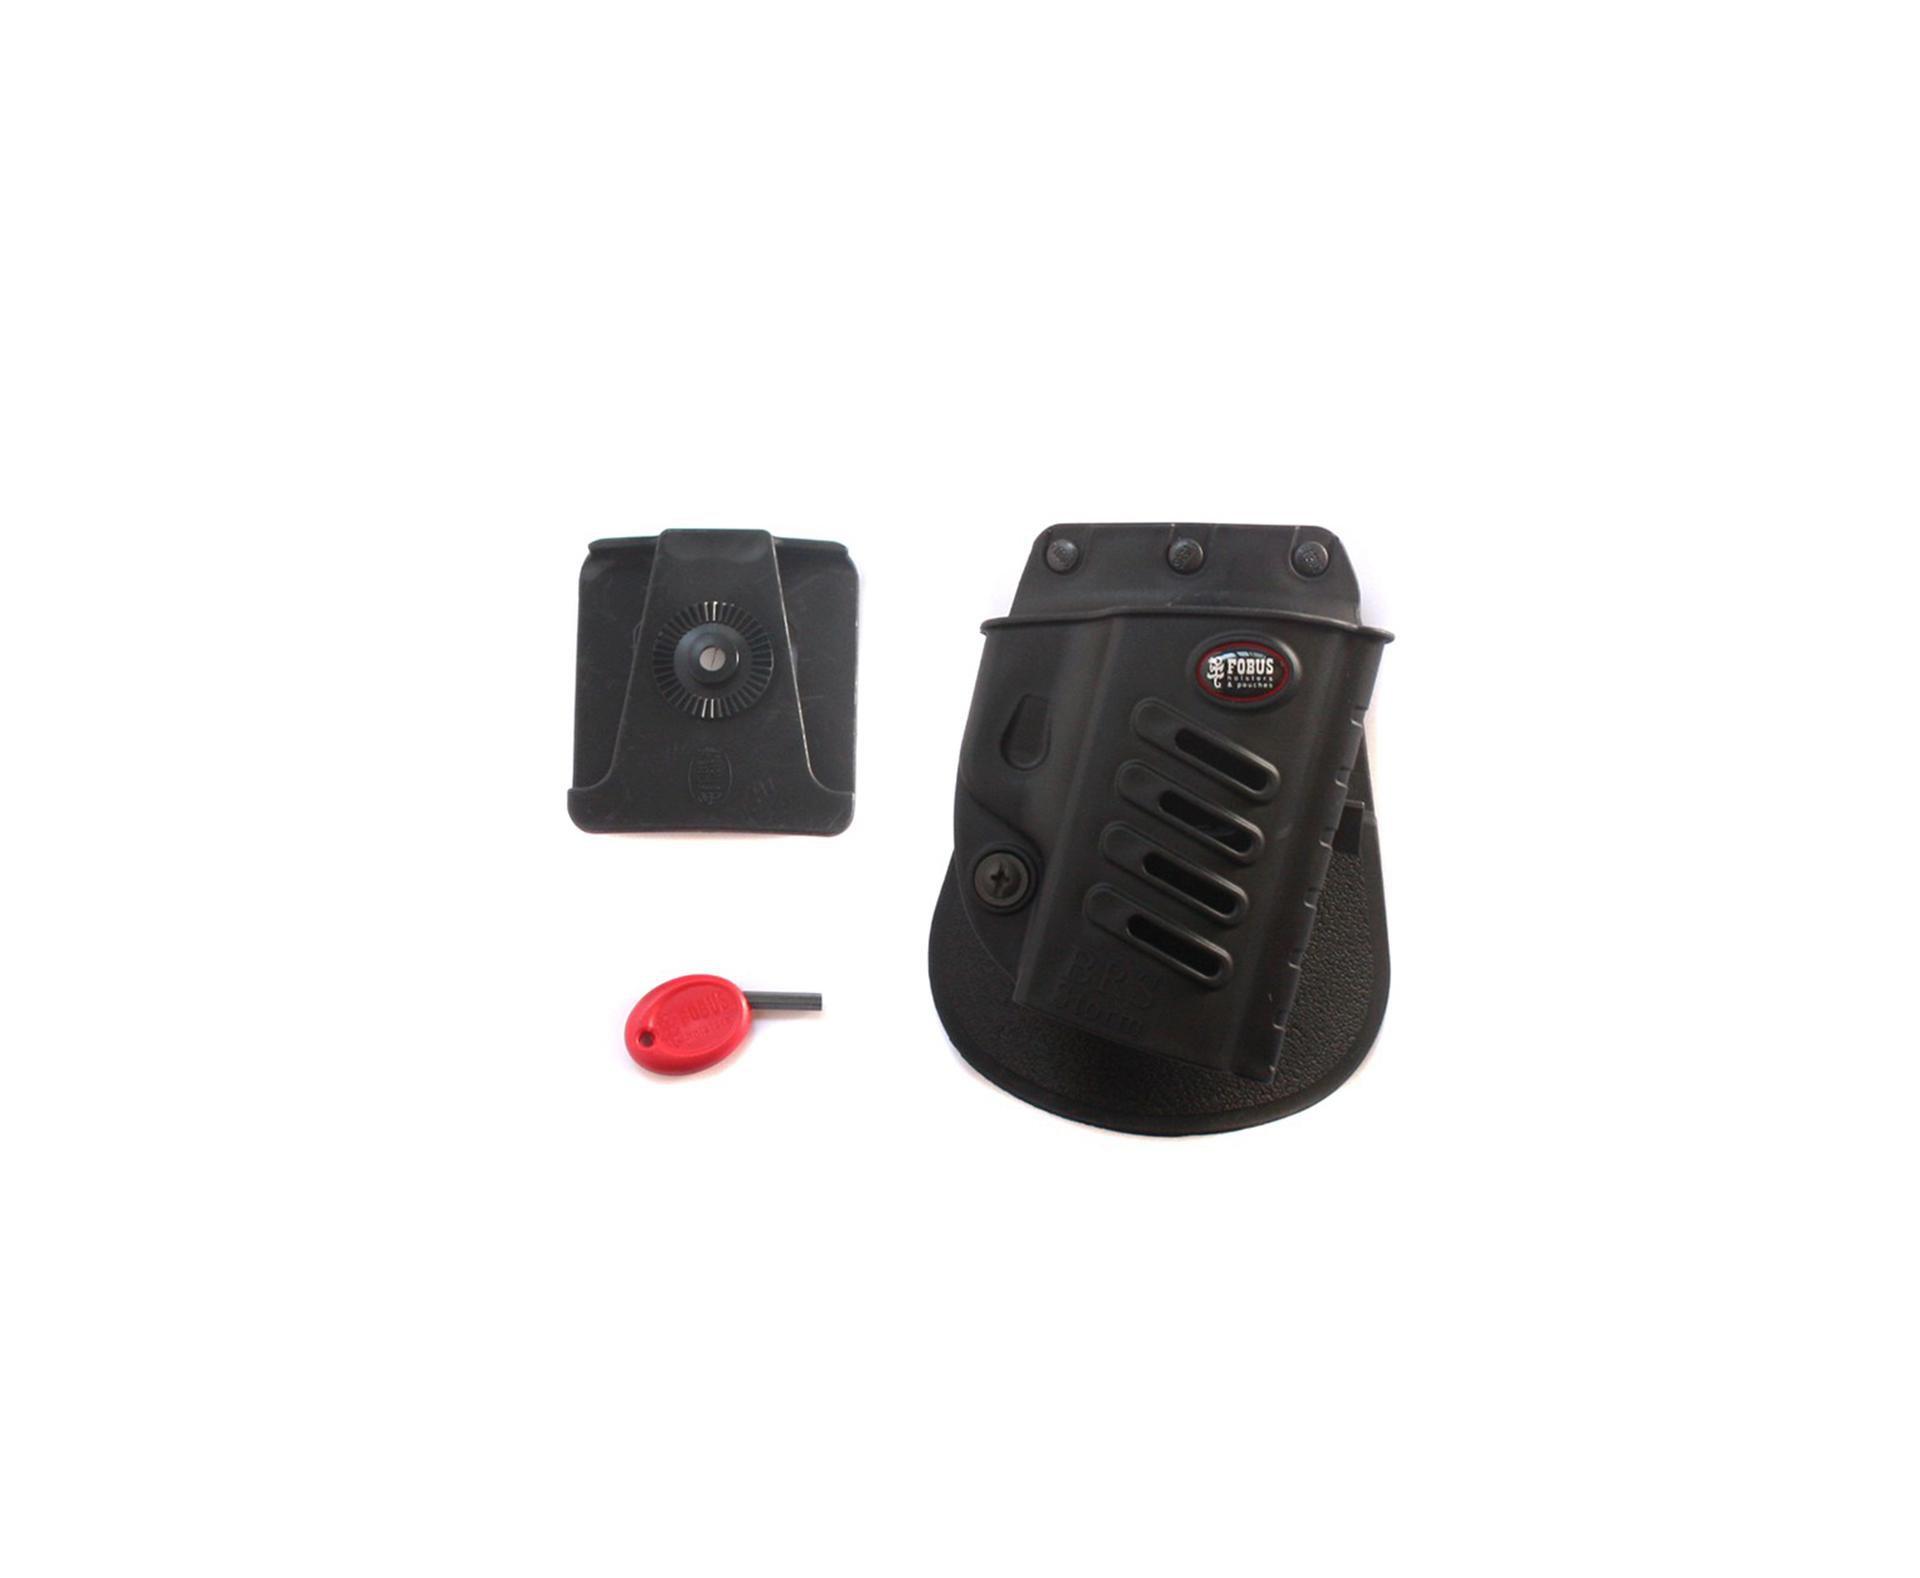 Coldre De Cintura Universal Rotativo Para Pistolas Taurus 24/7 E Outras (canhoto) - Fobus